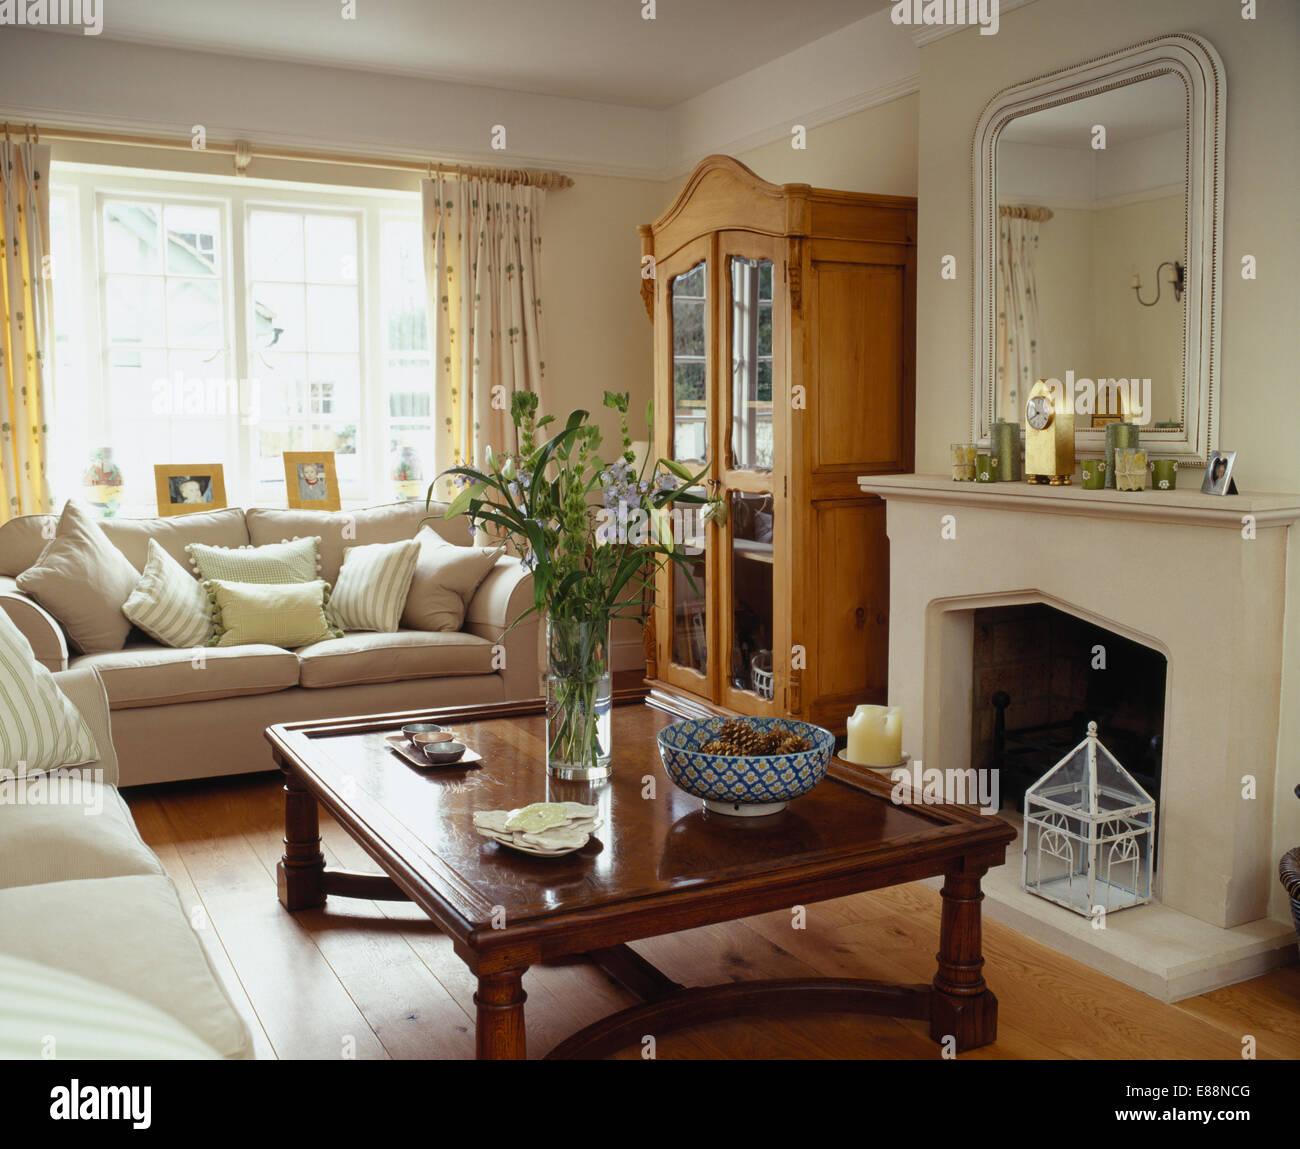 Indonesische Holz Couchtisch Kamin Im Wohnzimmer Mit Cremefarbenen Sofas Und Glasfront Kiefer Schrank